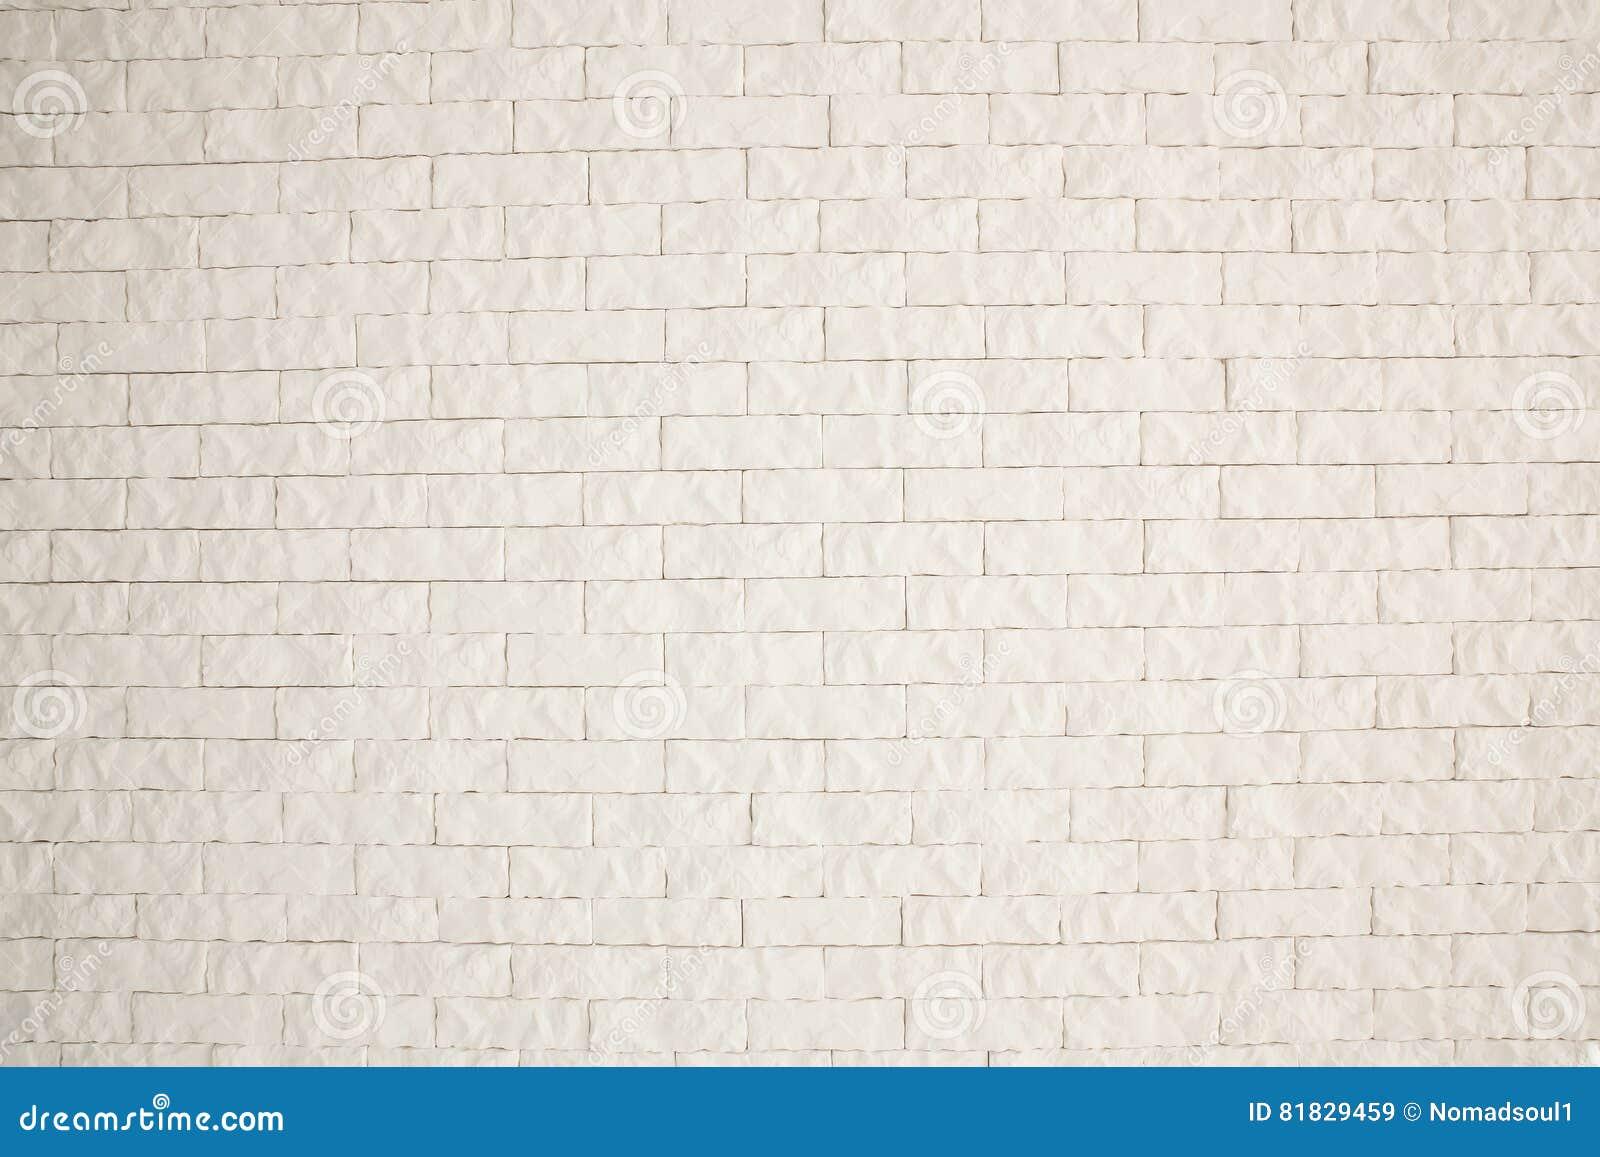 Mattoni Bianchi Per Esterni muro di mattoni bianco per struttura dell'esterno o dell